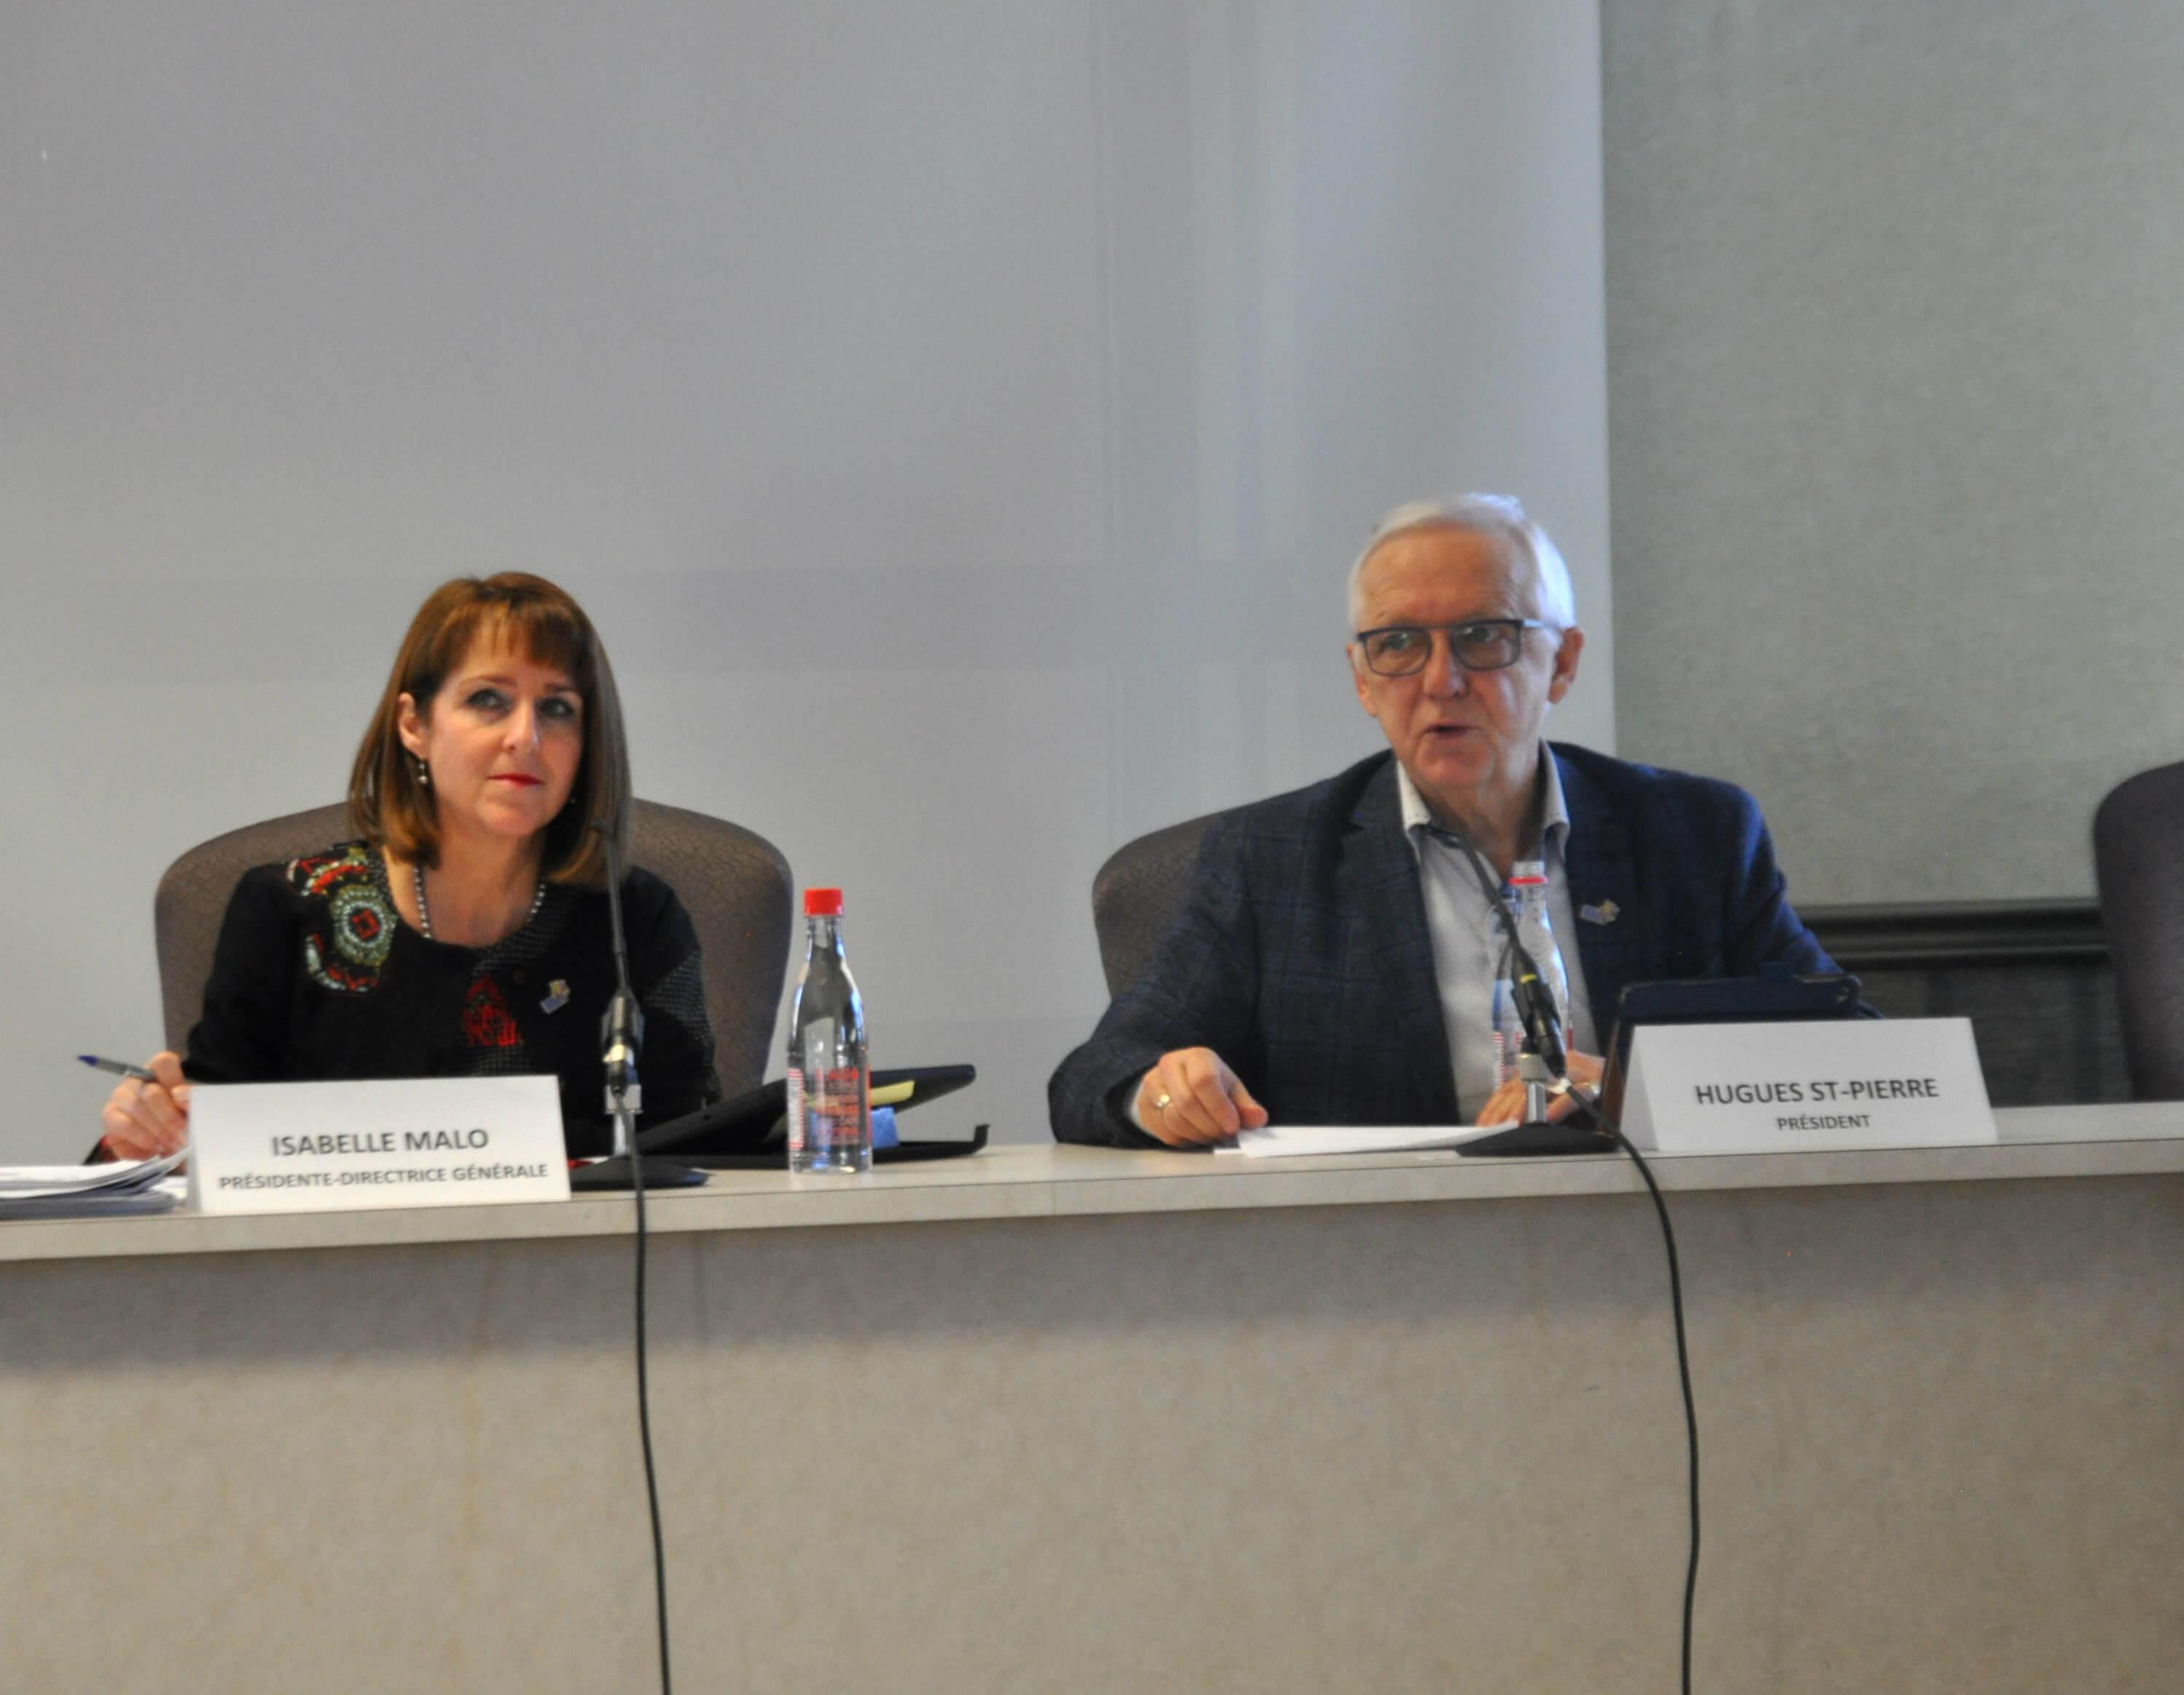 Isabelle Malo et Hugues St-Pierre, président du CISSS du Bas-Saint-Laurent